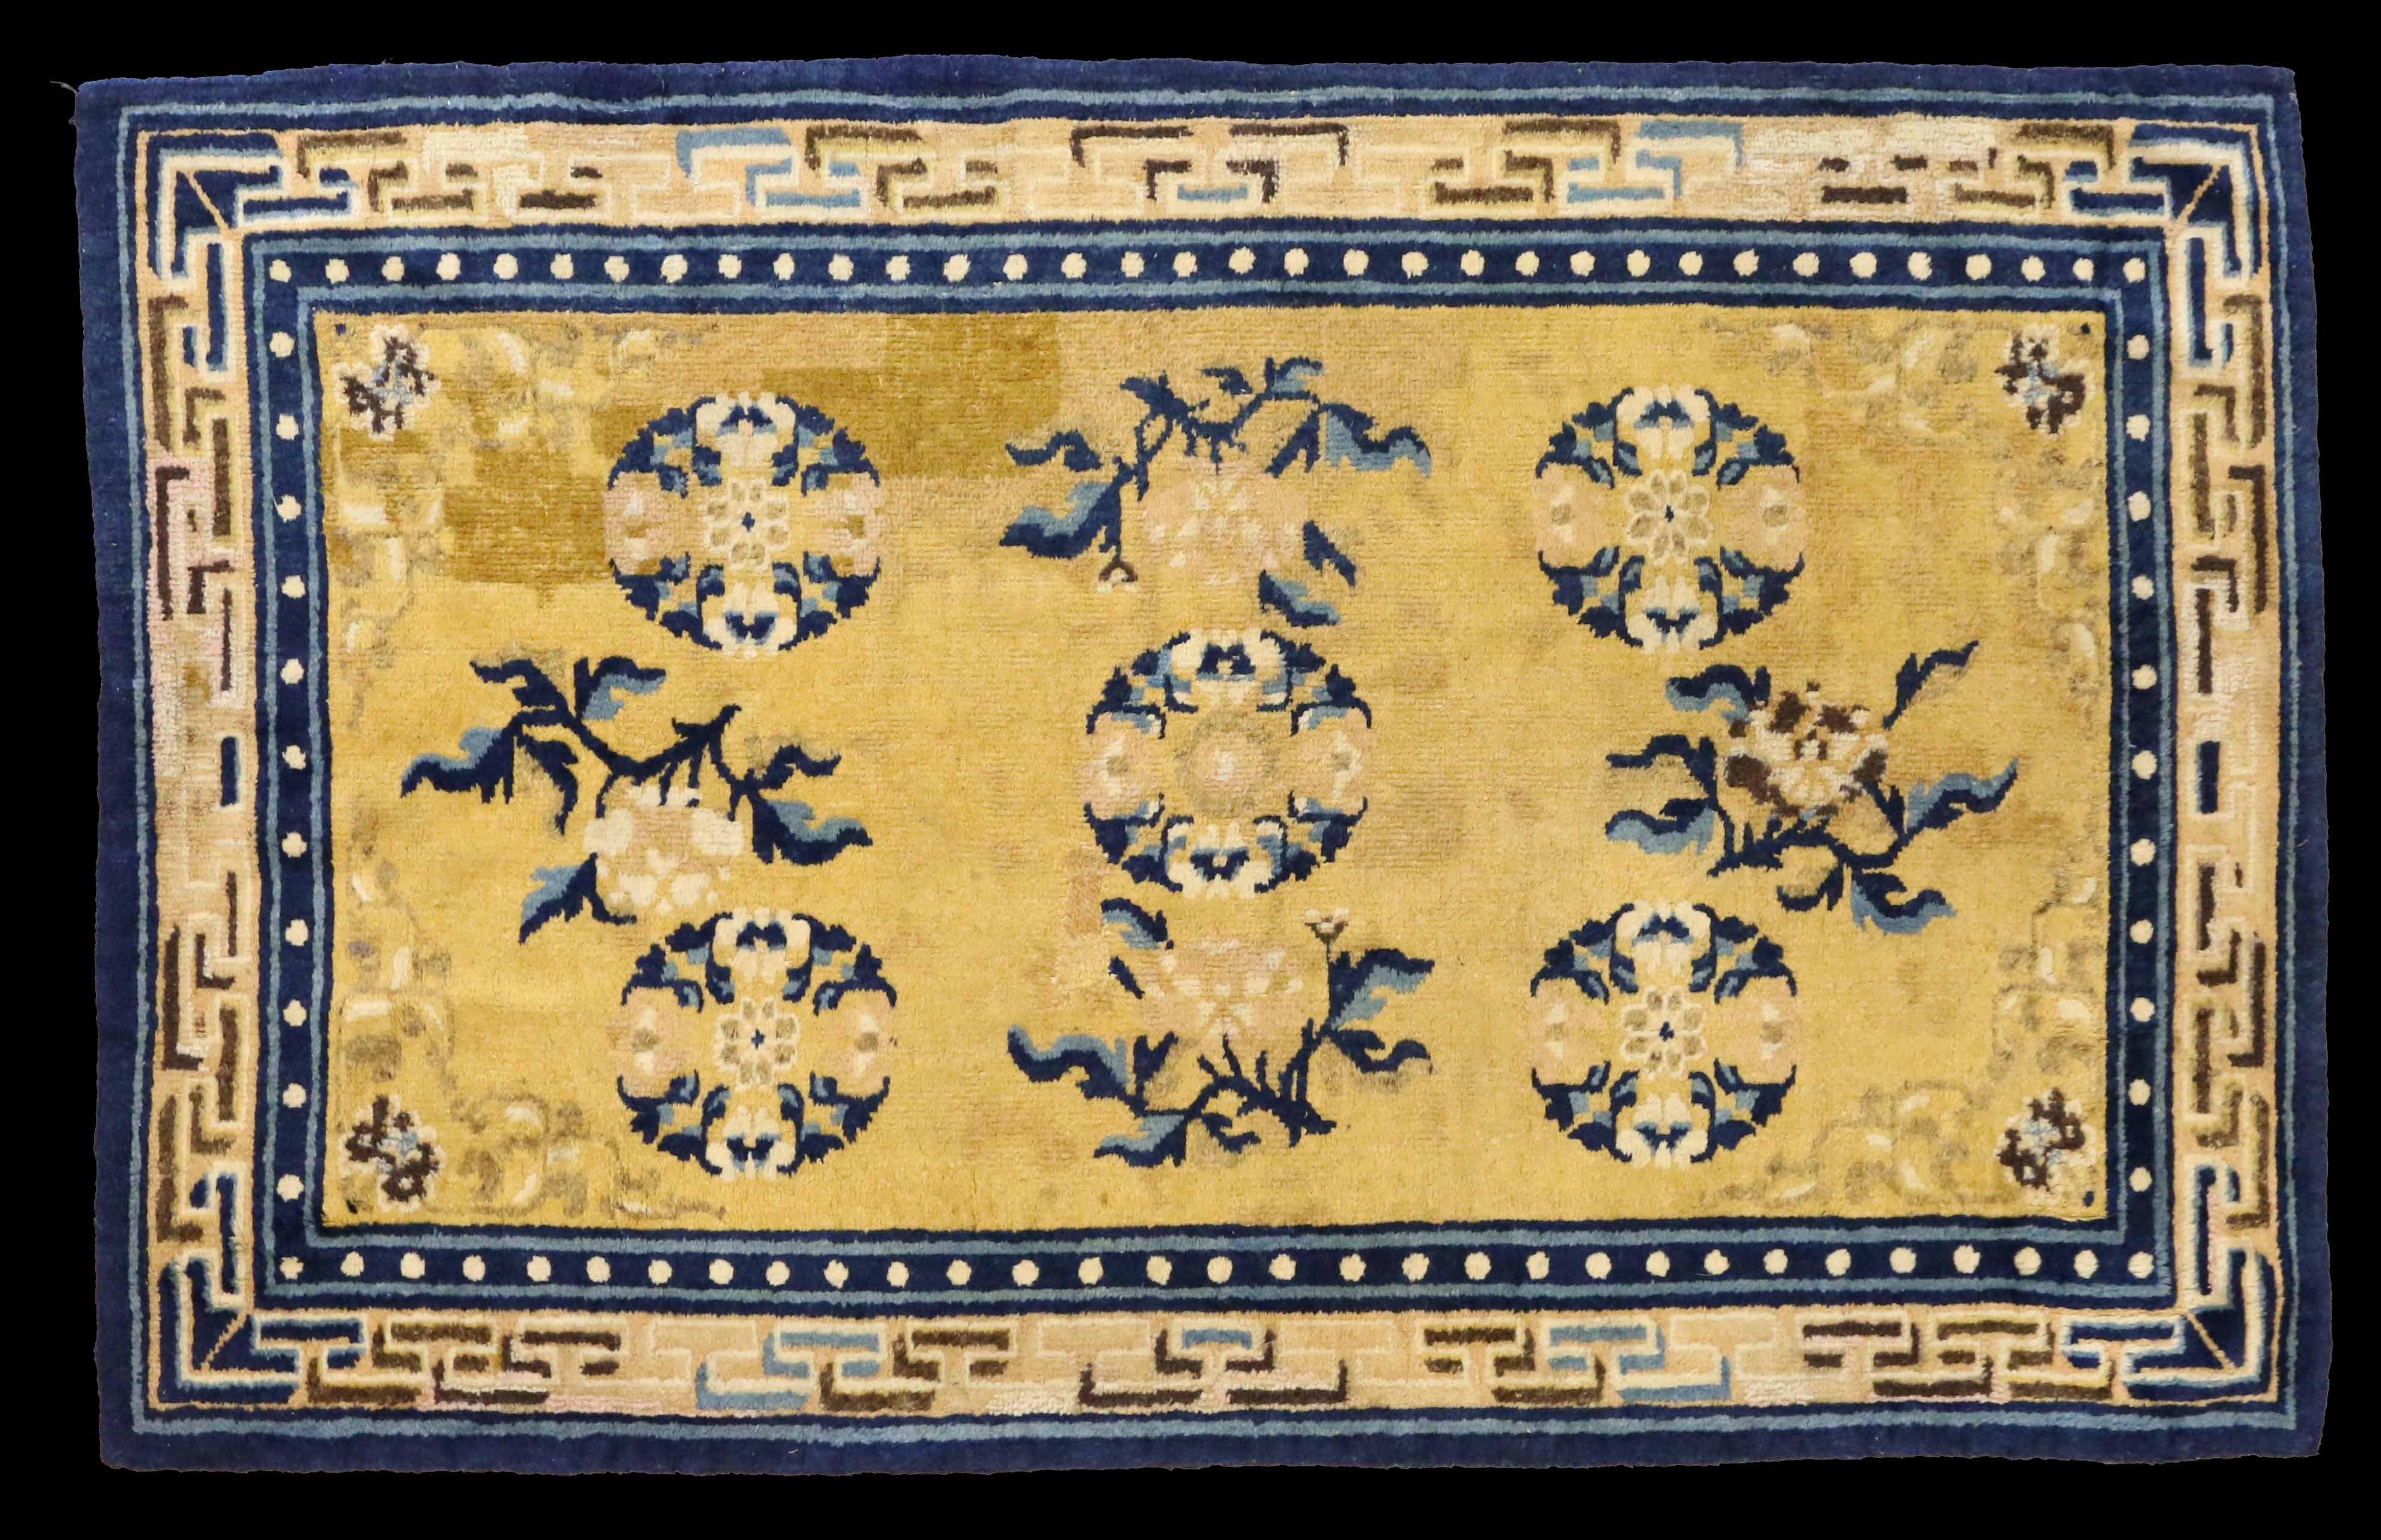 14302 Chinese Ningxia Rug 188cm x 122cm